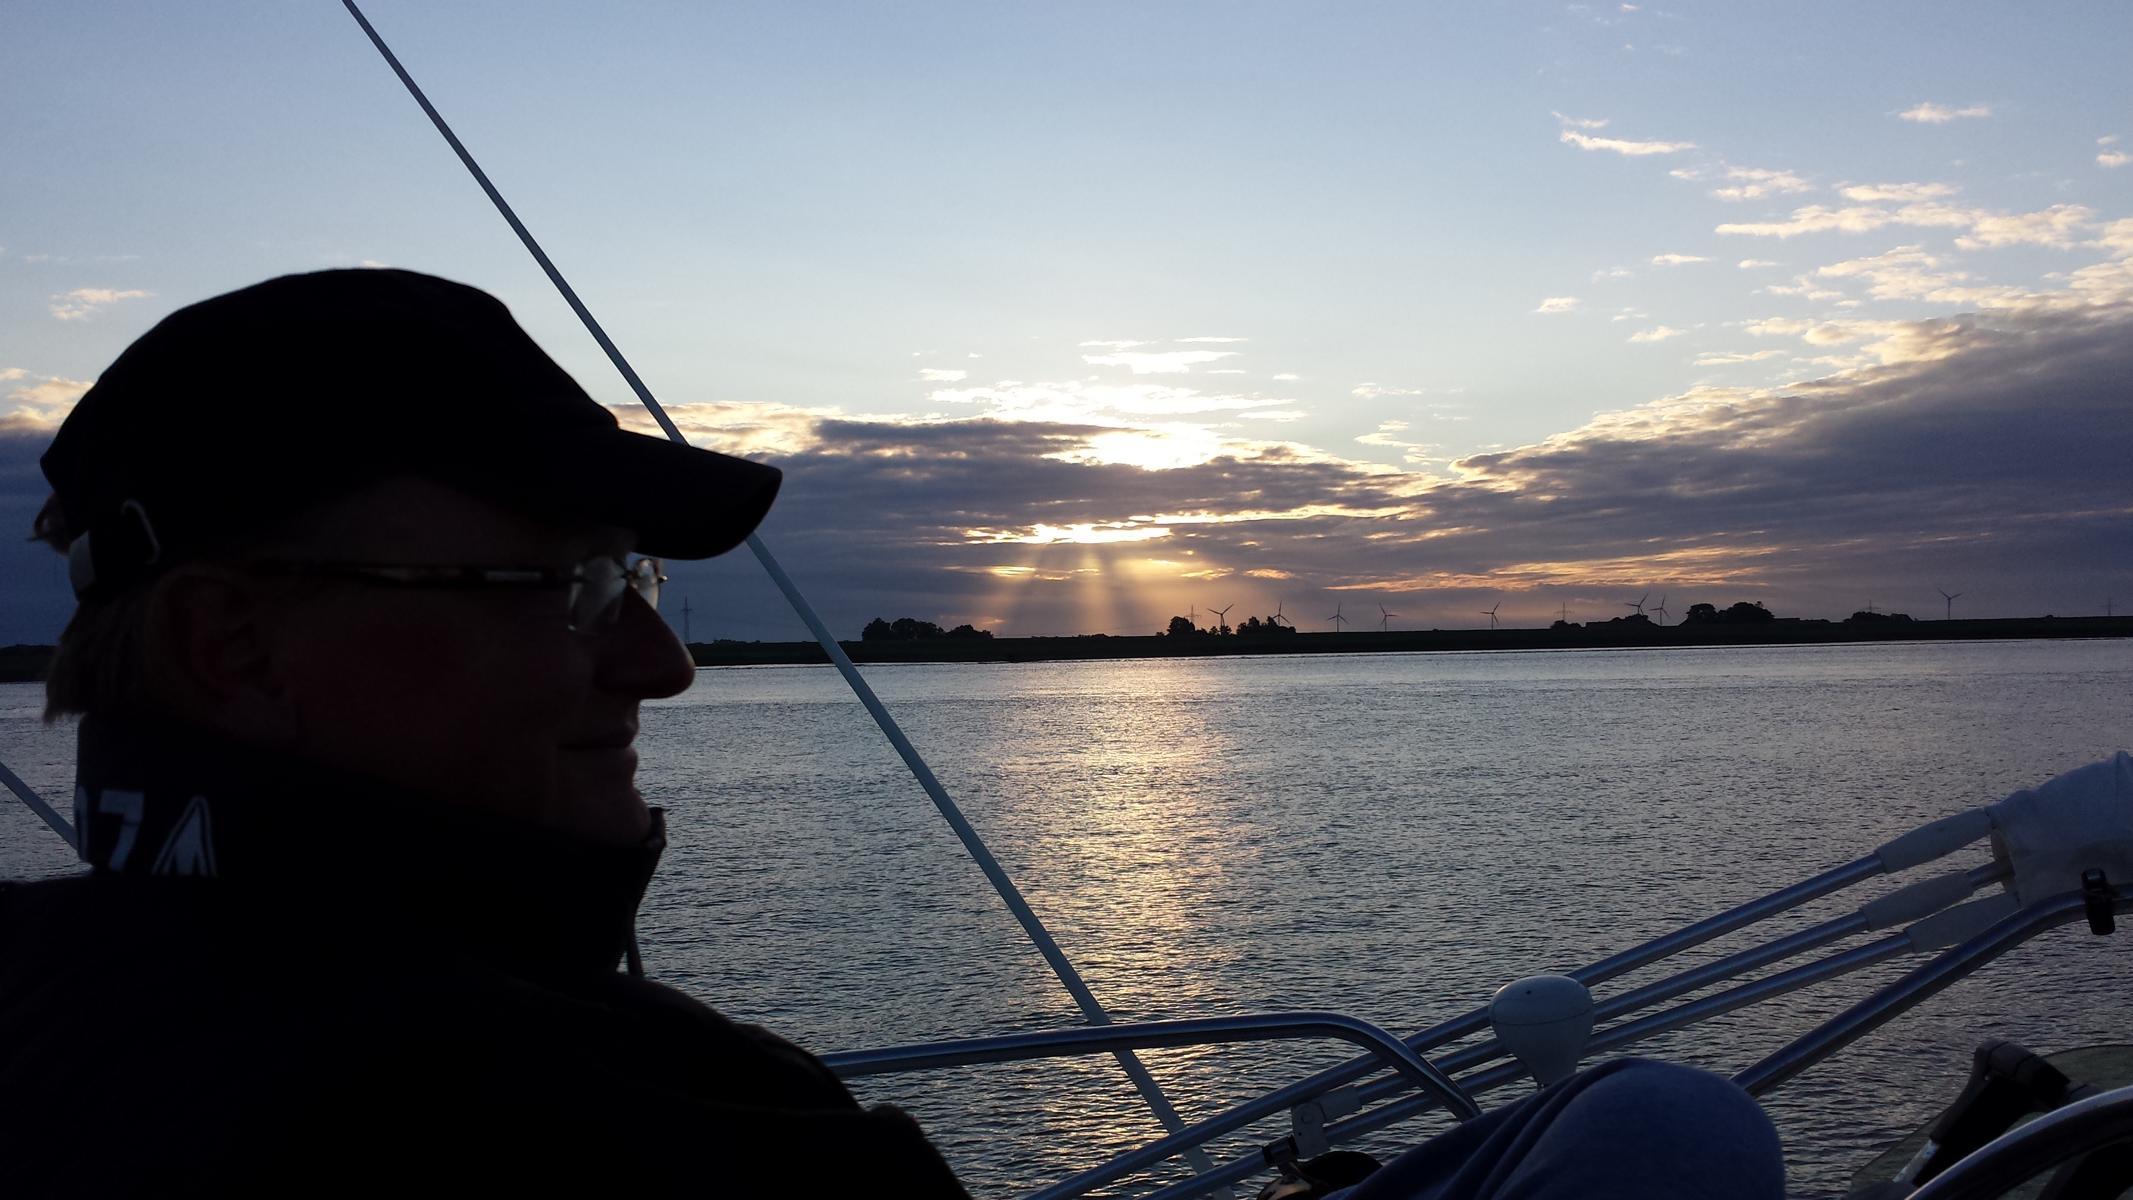 Morgenstimmung auf der Ems - Monasteria Yachtclub Münster